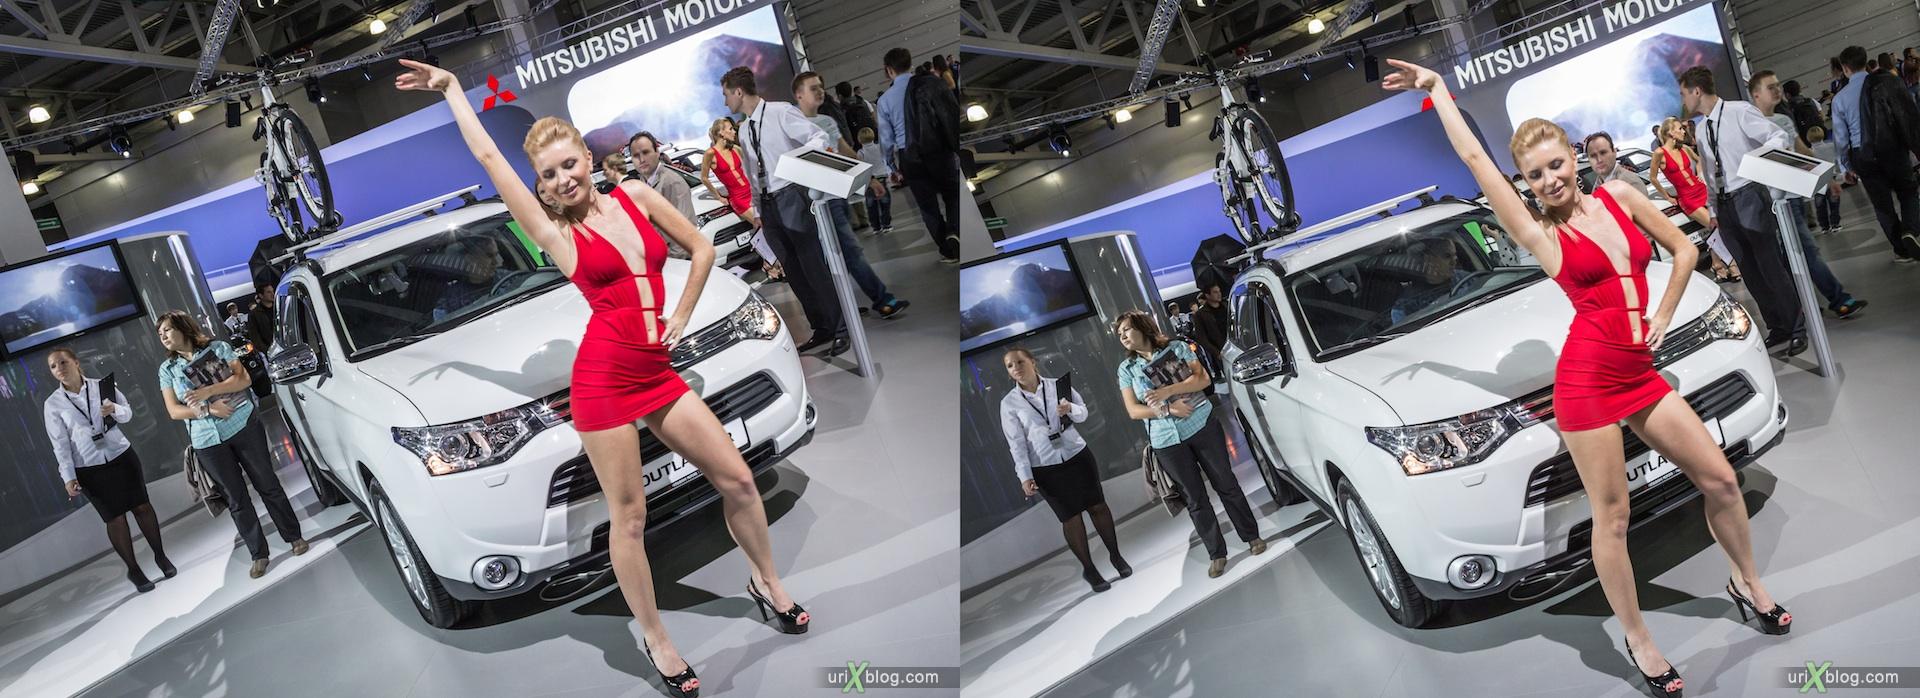 2012, Mitsubishi Outlander, девушка, модель, Московский международный автомобильный салон, ММАС, Крокус Экспо, 3D, стереопара